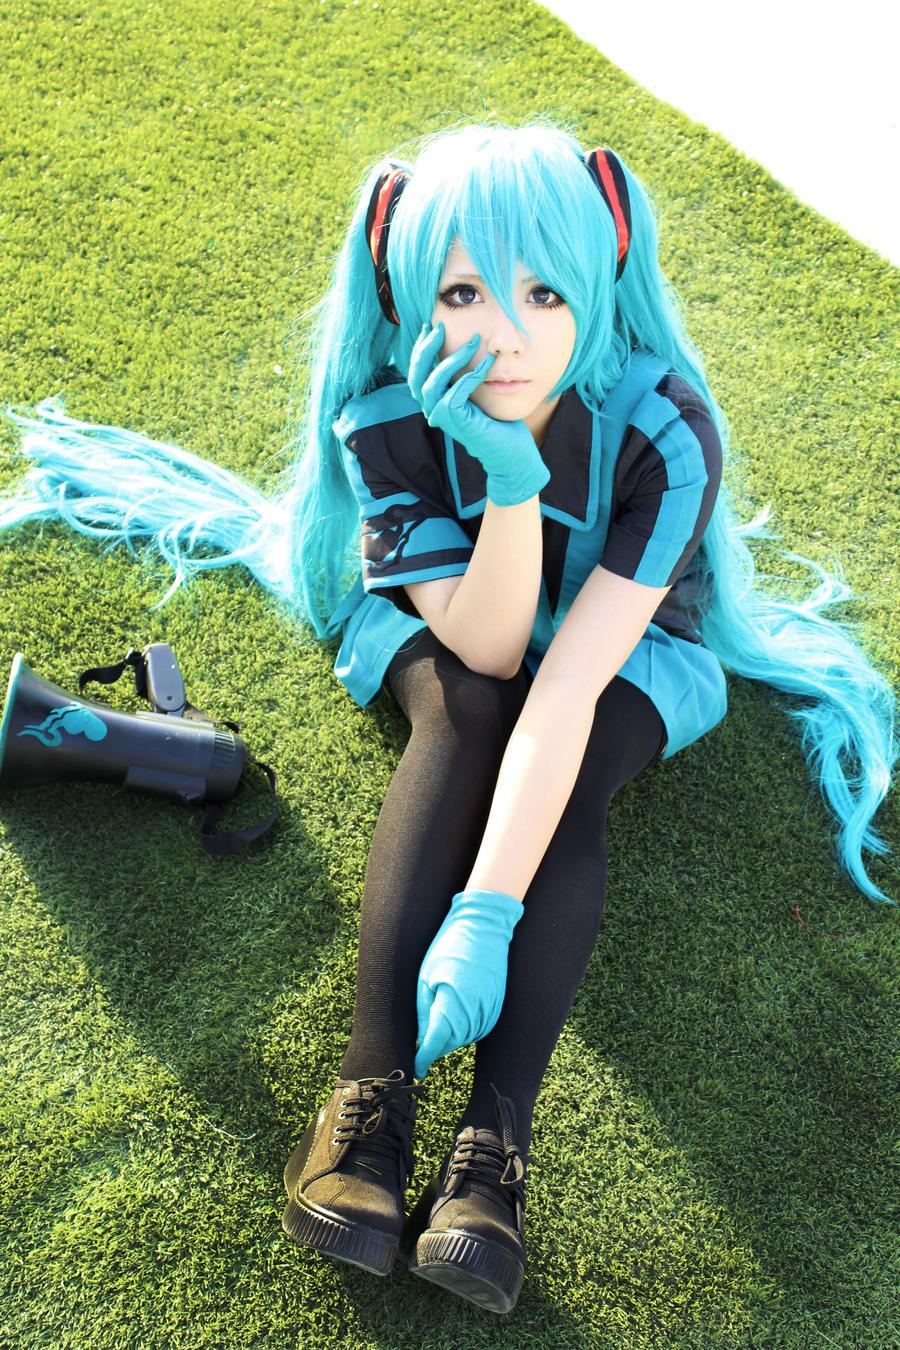 miku hatsune love is war by cosplayjg on deviantart